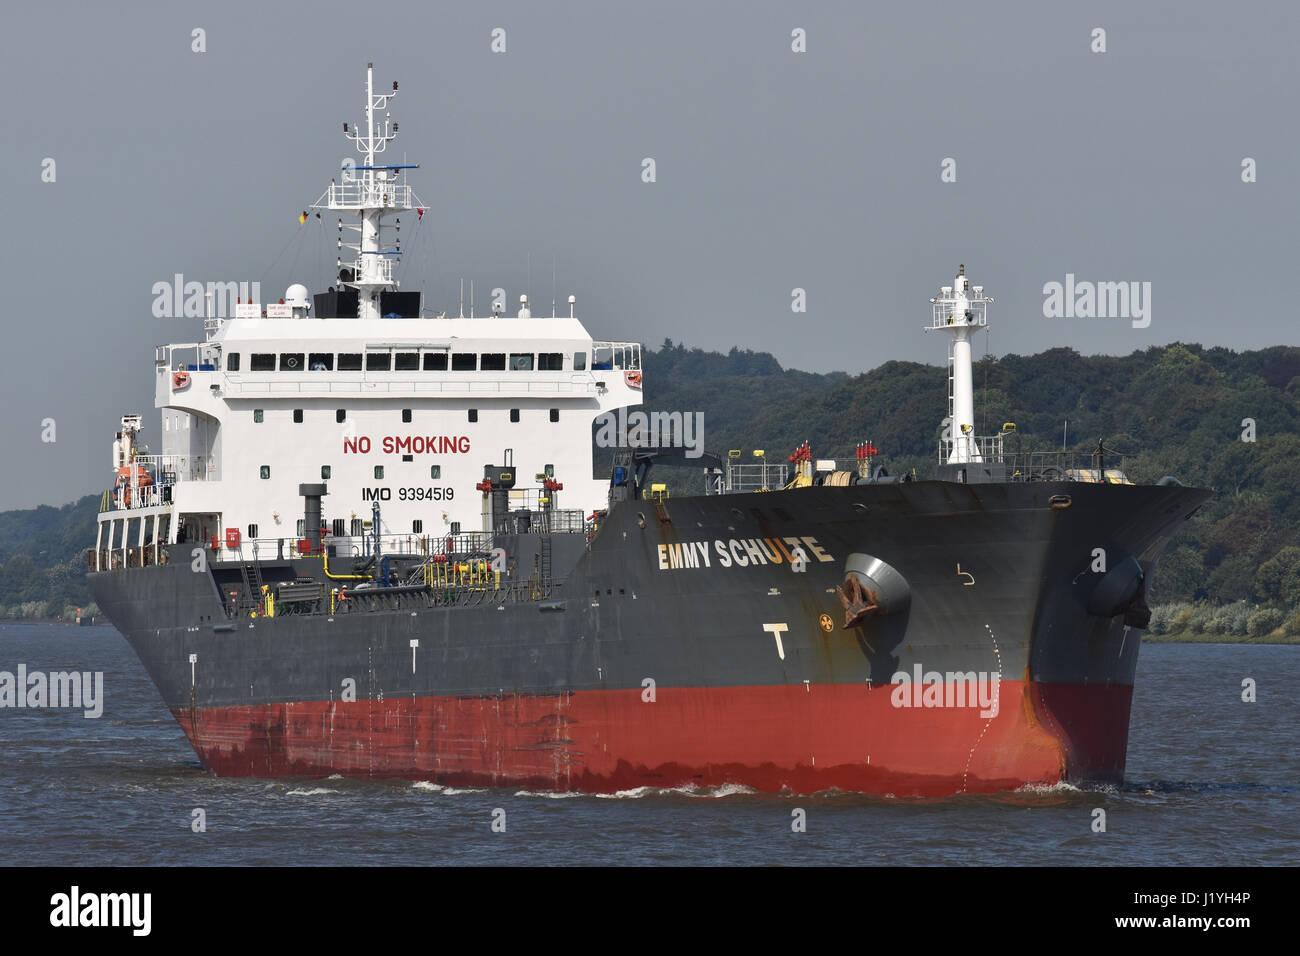 Emmy Schulte inbound port of Hamburg Stock Photo